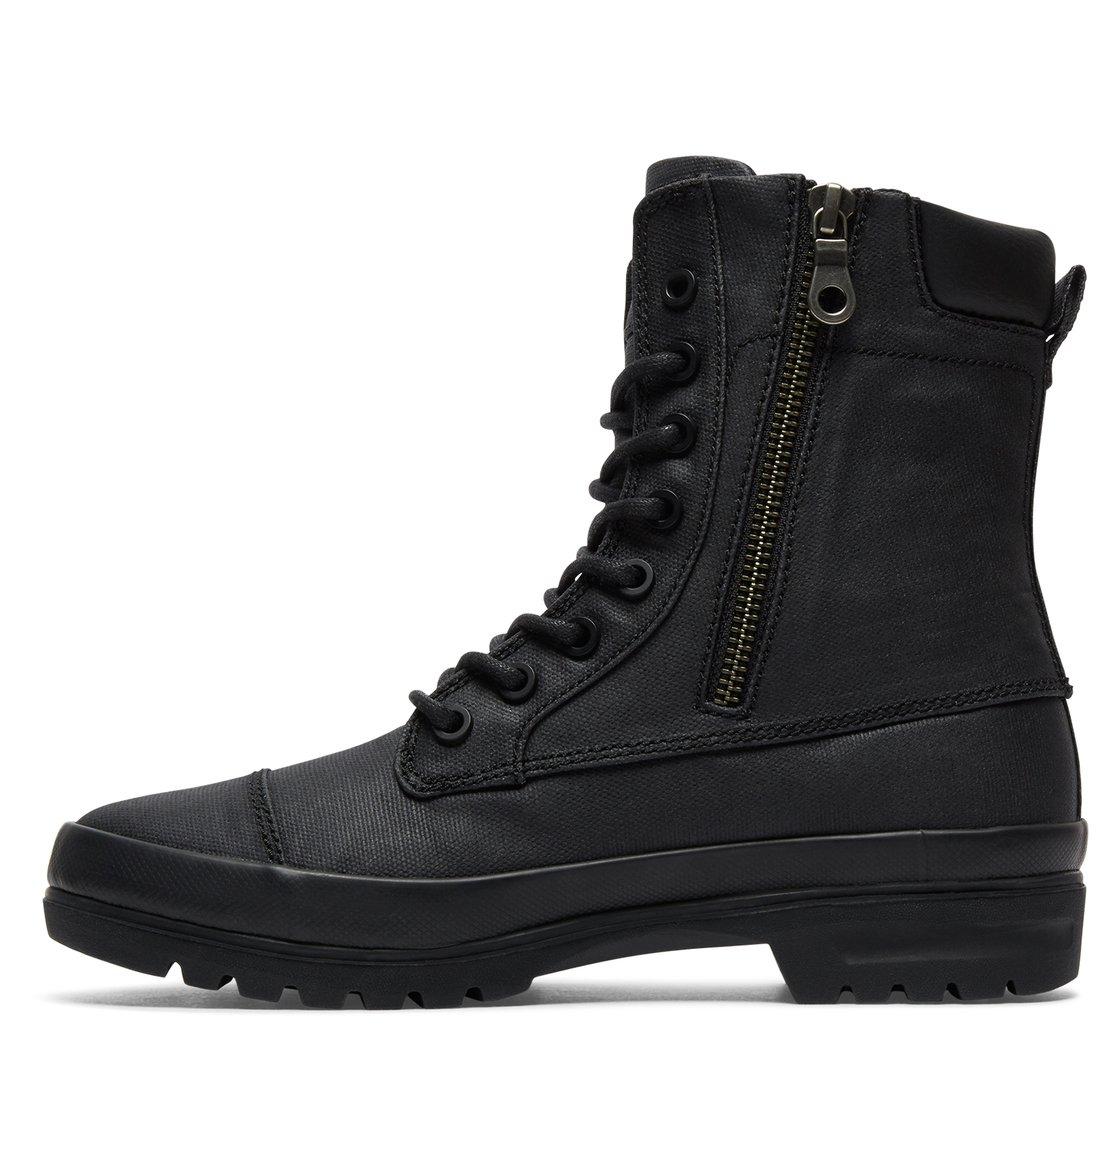 Amnesti TX - Bottes à lacets - Noir - DC Shoes